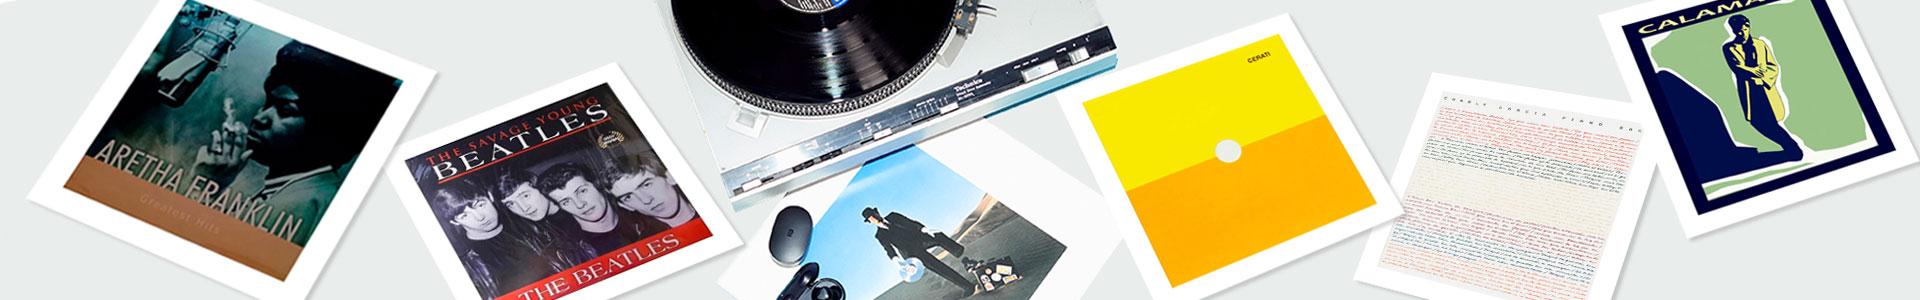 Stylestore.com.ar tiene todo lo mejor en música y discos de vinilo